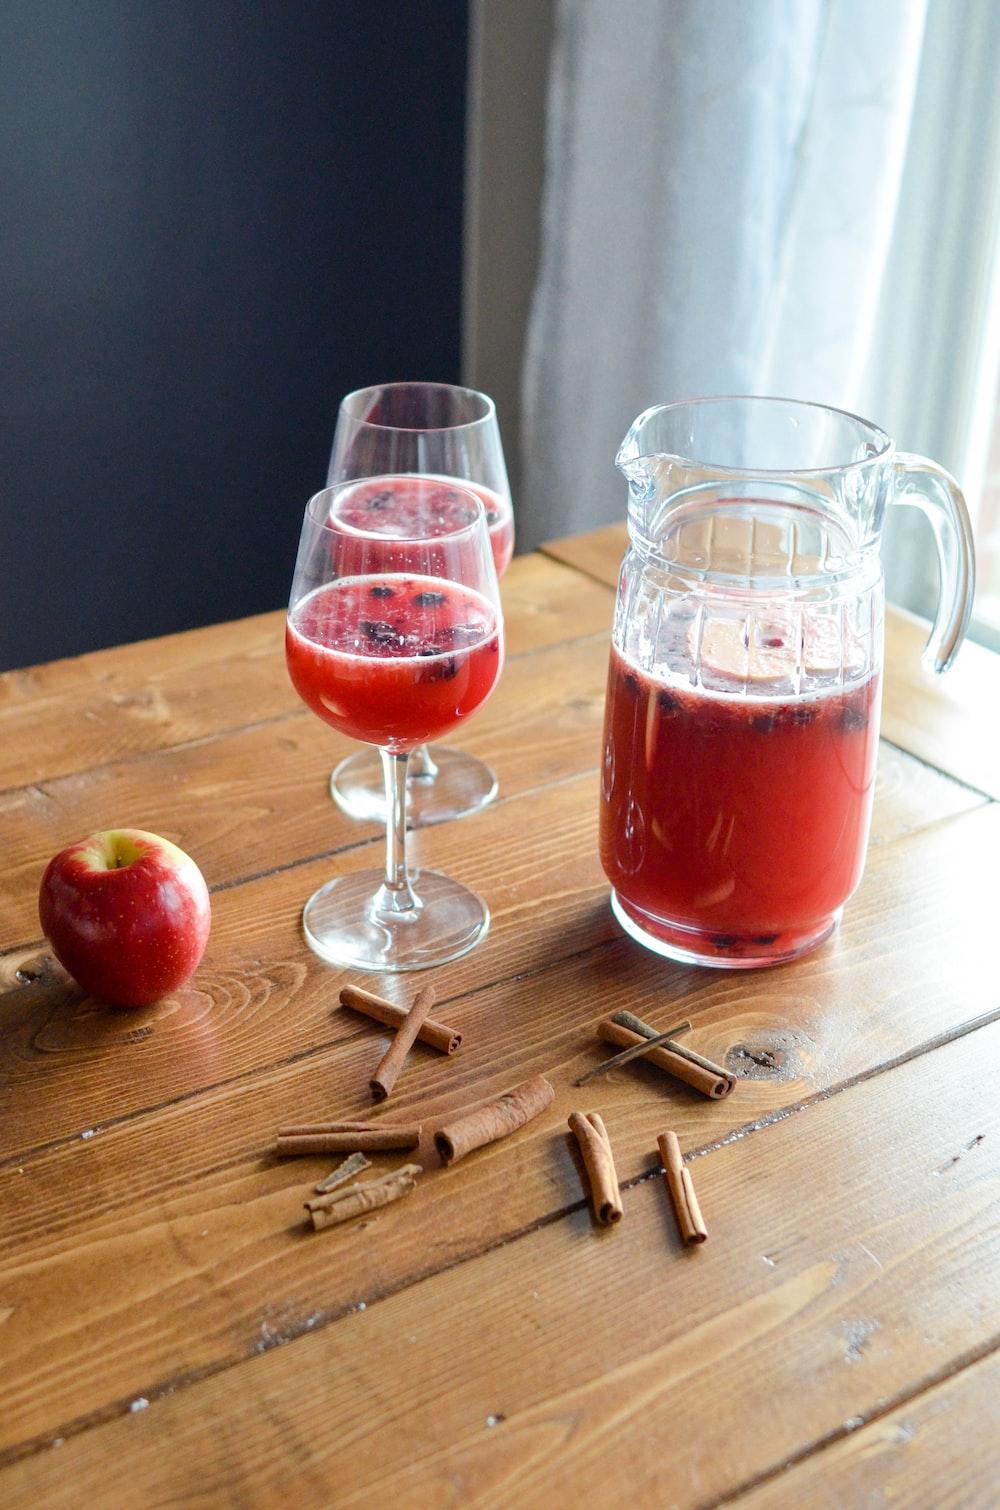 apple juice beside cinnamon